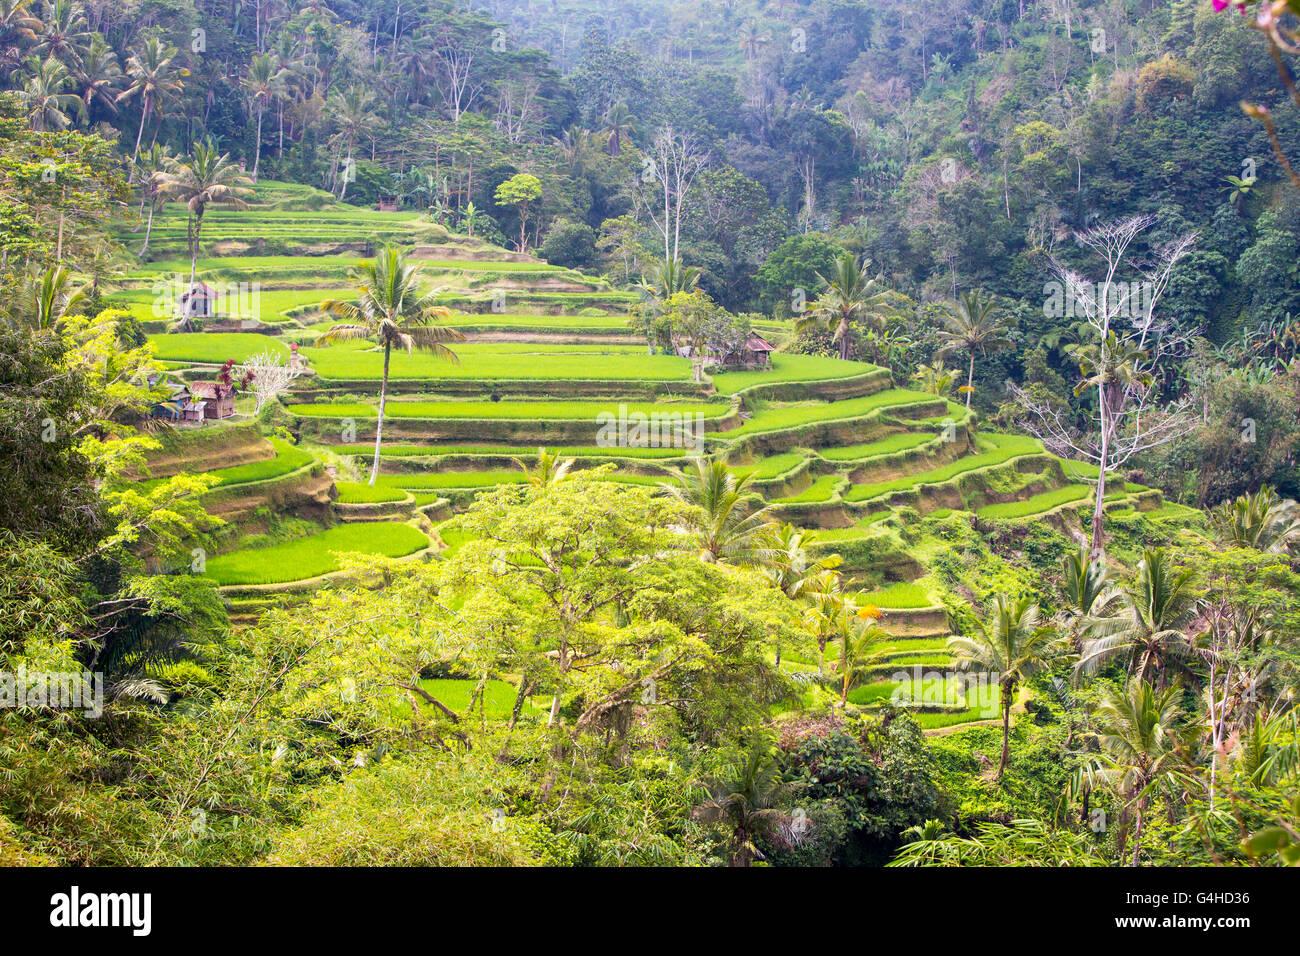 Les récoltes de champs de riz sur une chaude après-midi ensoleillée près de Ubud, Bali, Indonésie Photo Stock